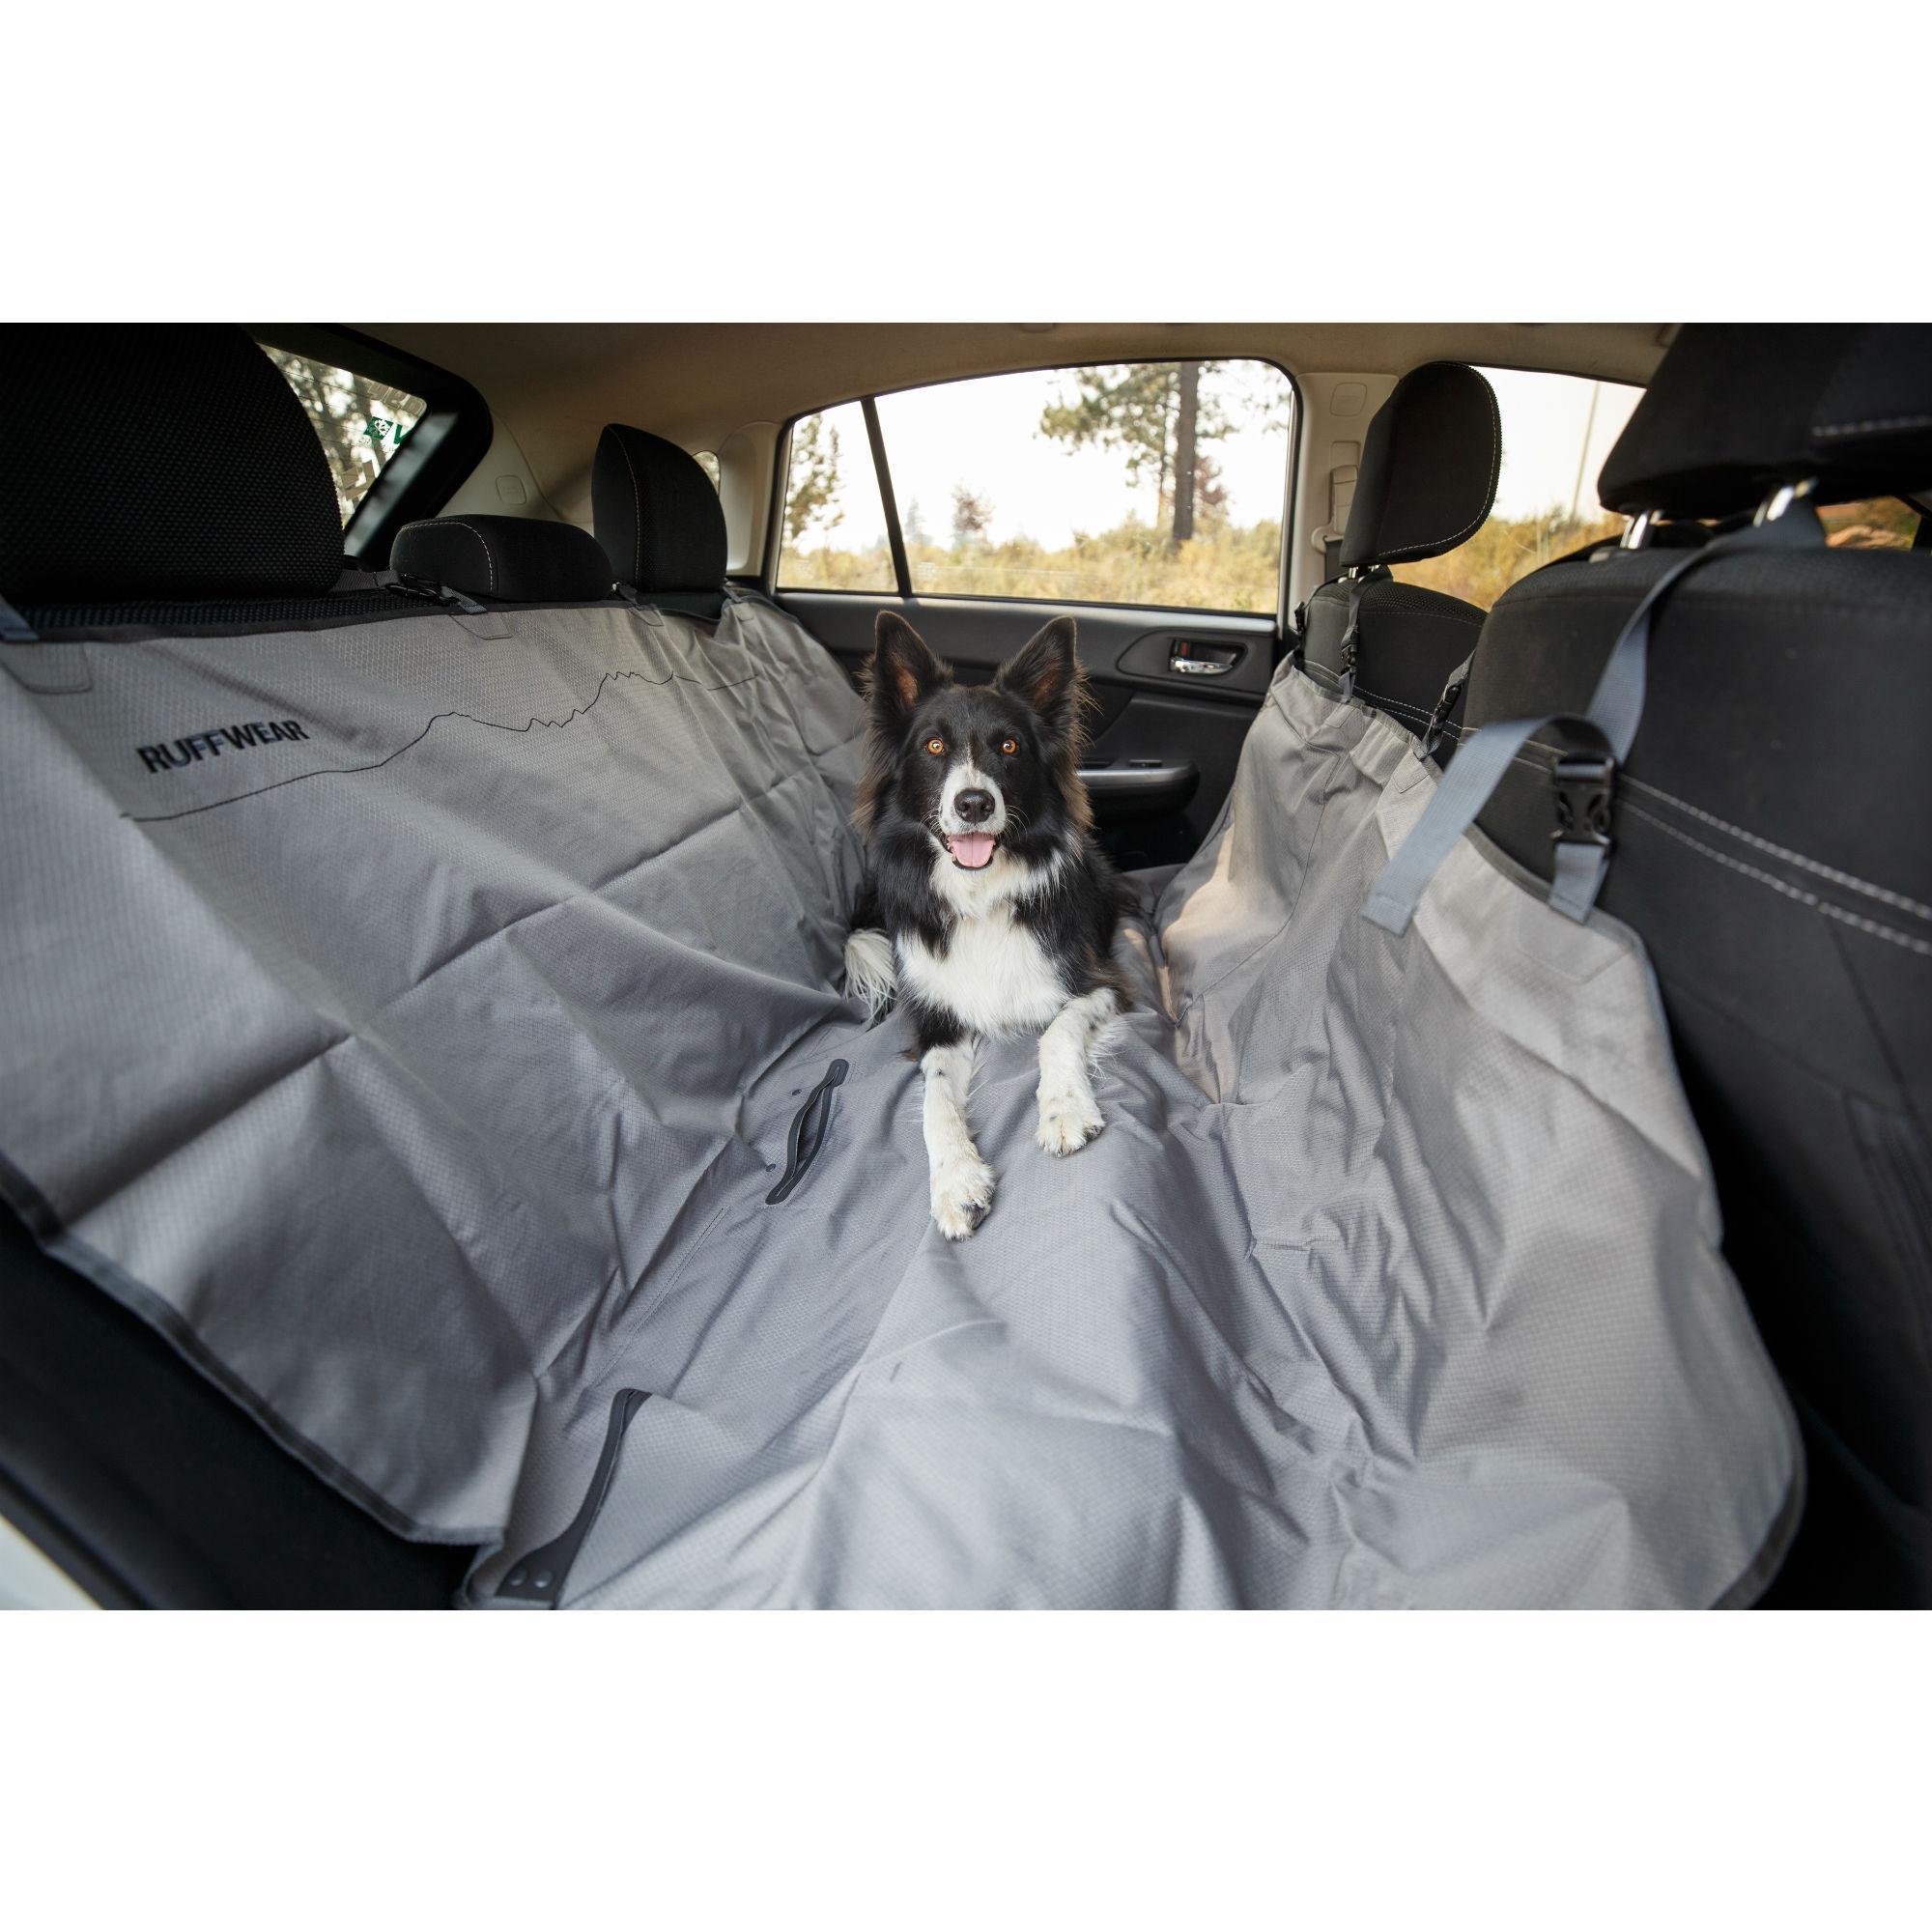 Dirtbag Seat Cover by RuffWear - Granite Gray